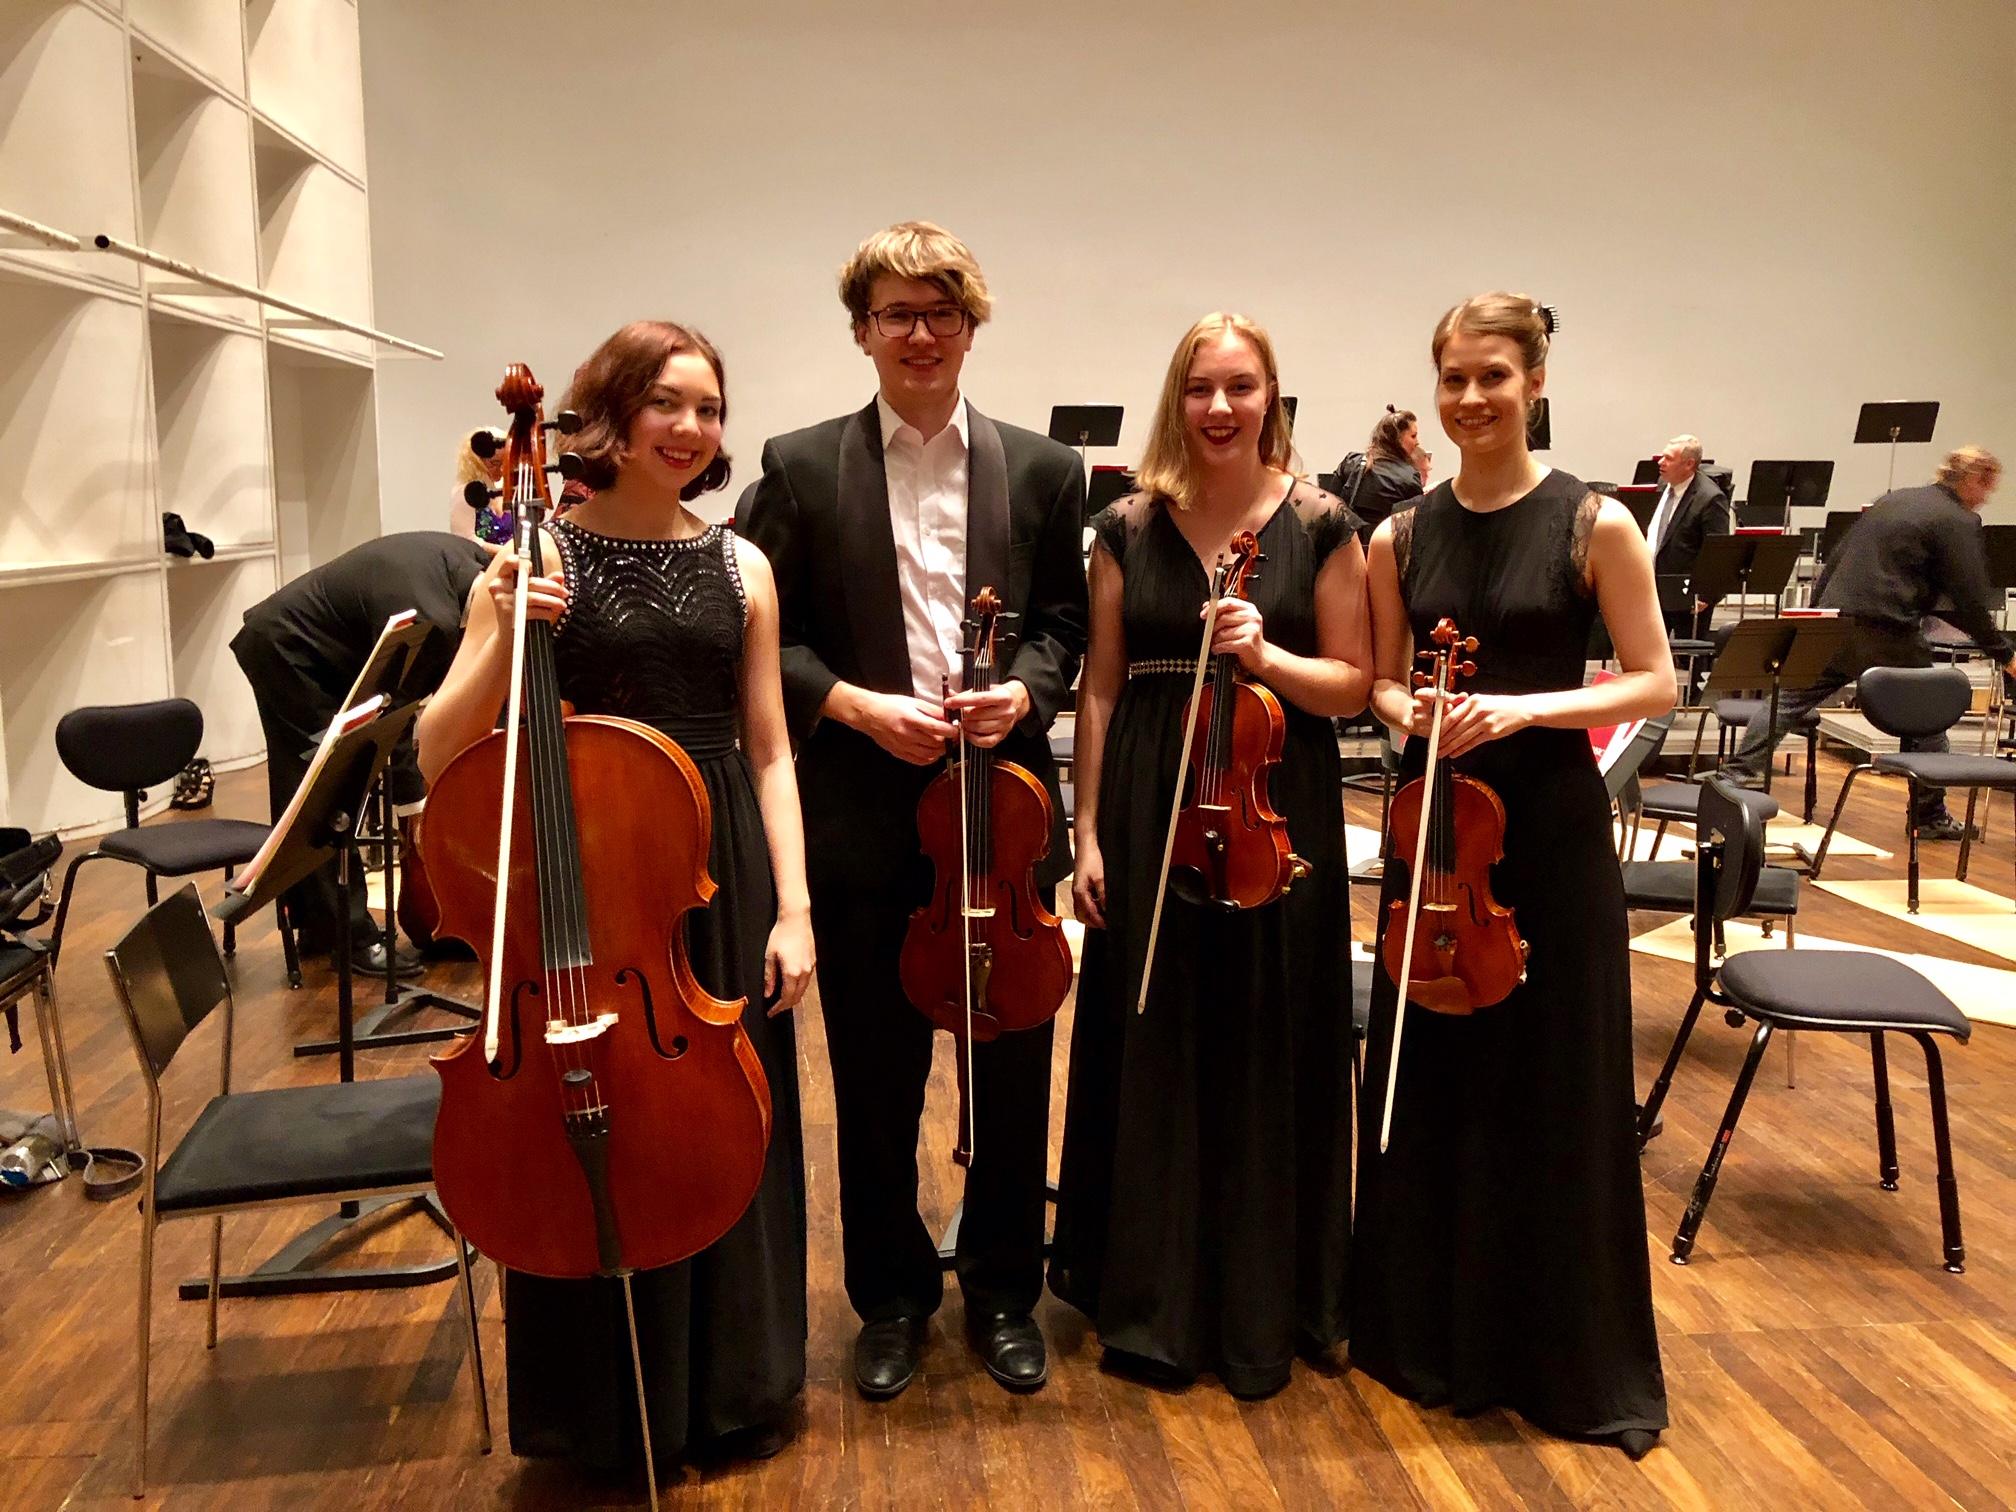 Ammatillisen koulutuksen opiskelijat Alma Antila, Antti Niemistö, Ella Griinari ja Anne-Maria Marttila soittivat lokakuussa Hyvinkään Orkesterin Olli & Tulilintu -konsertissa osana opintojaan.